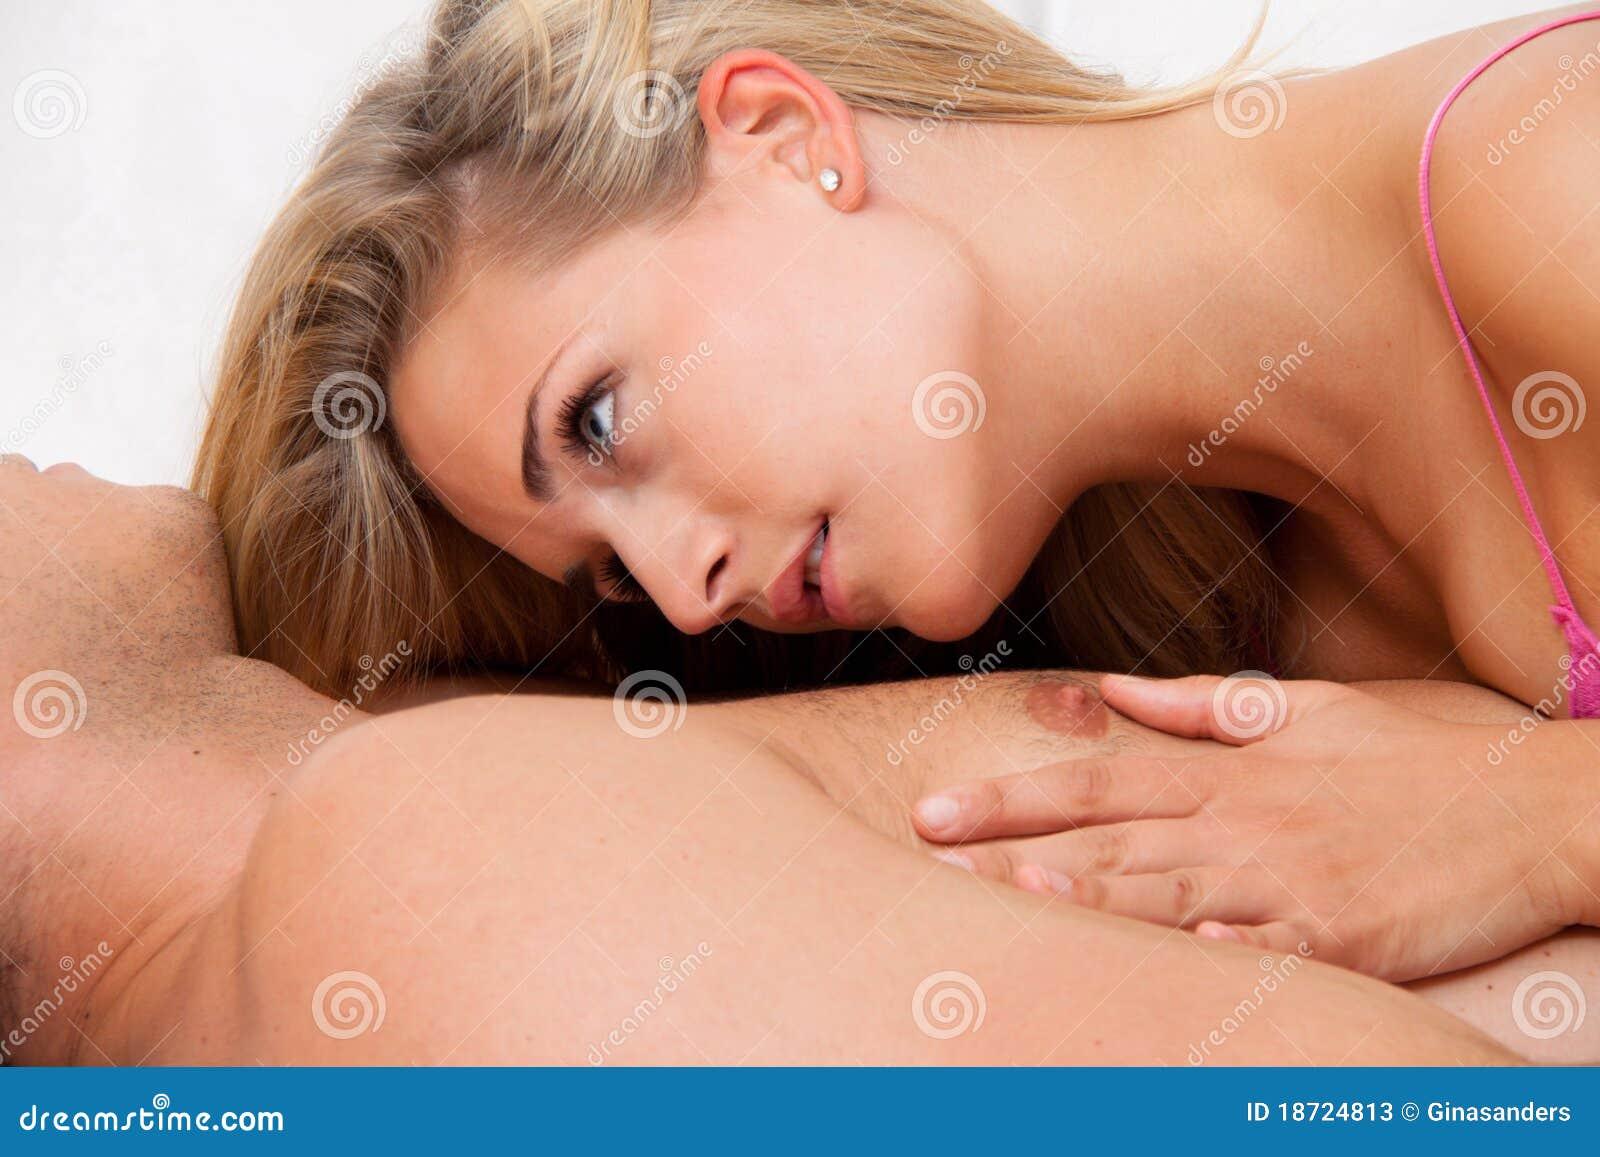 Woman orgasm reach